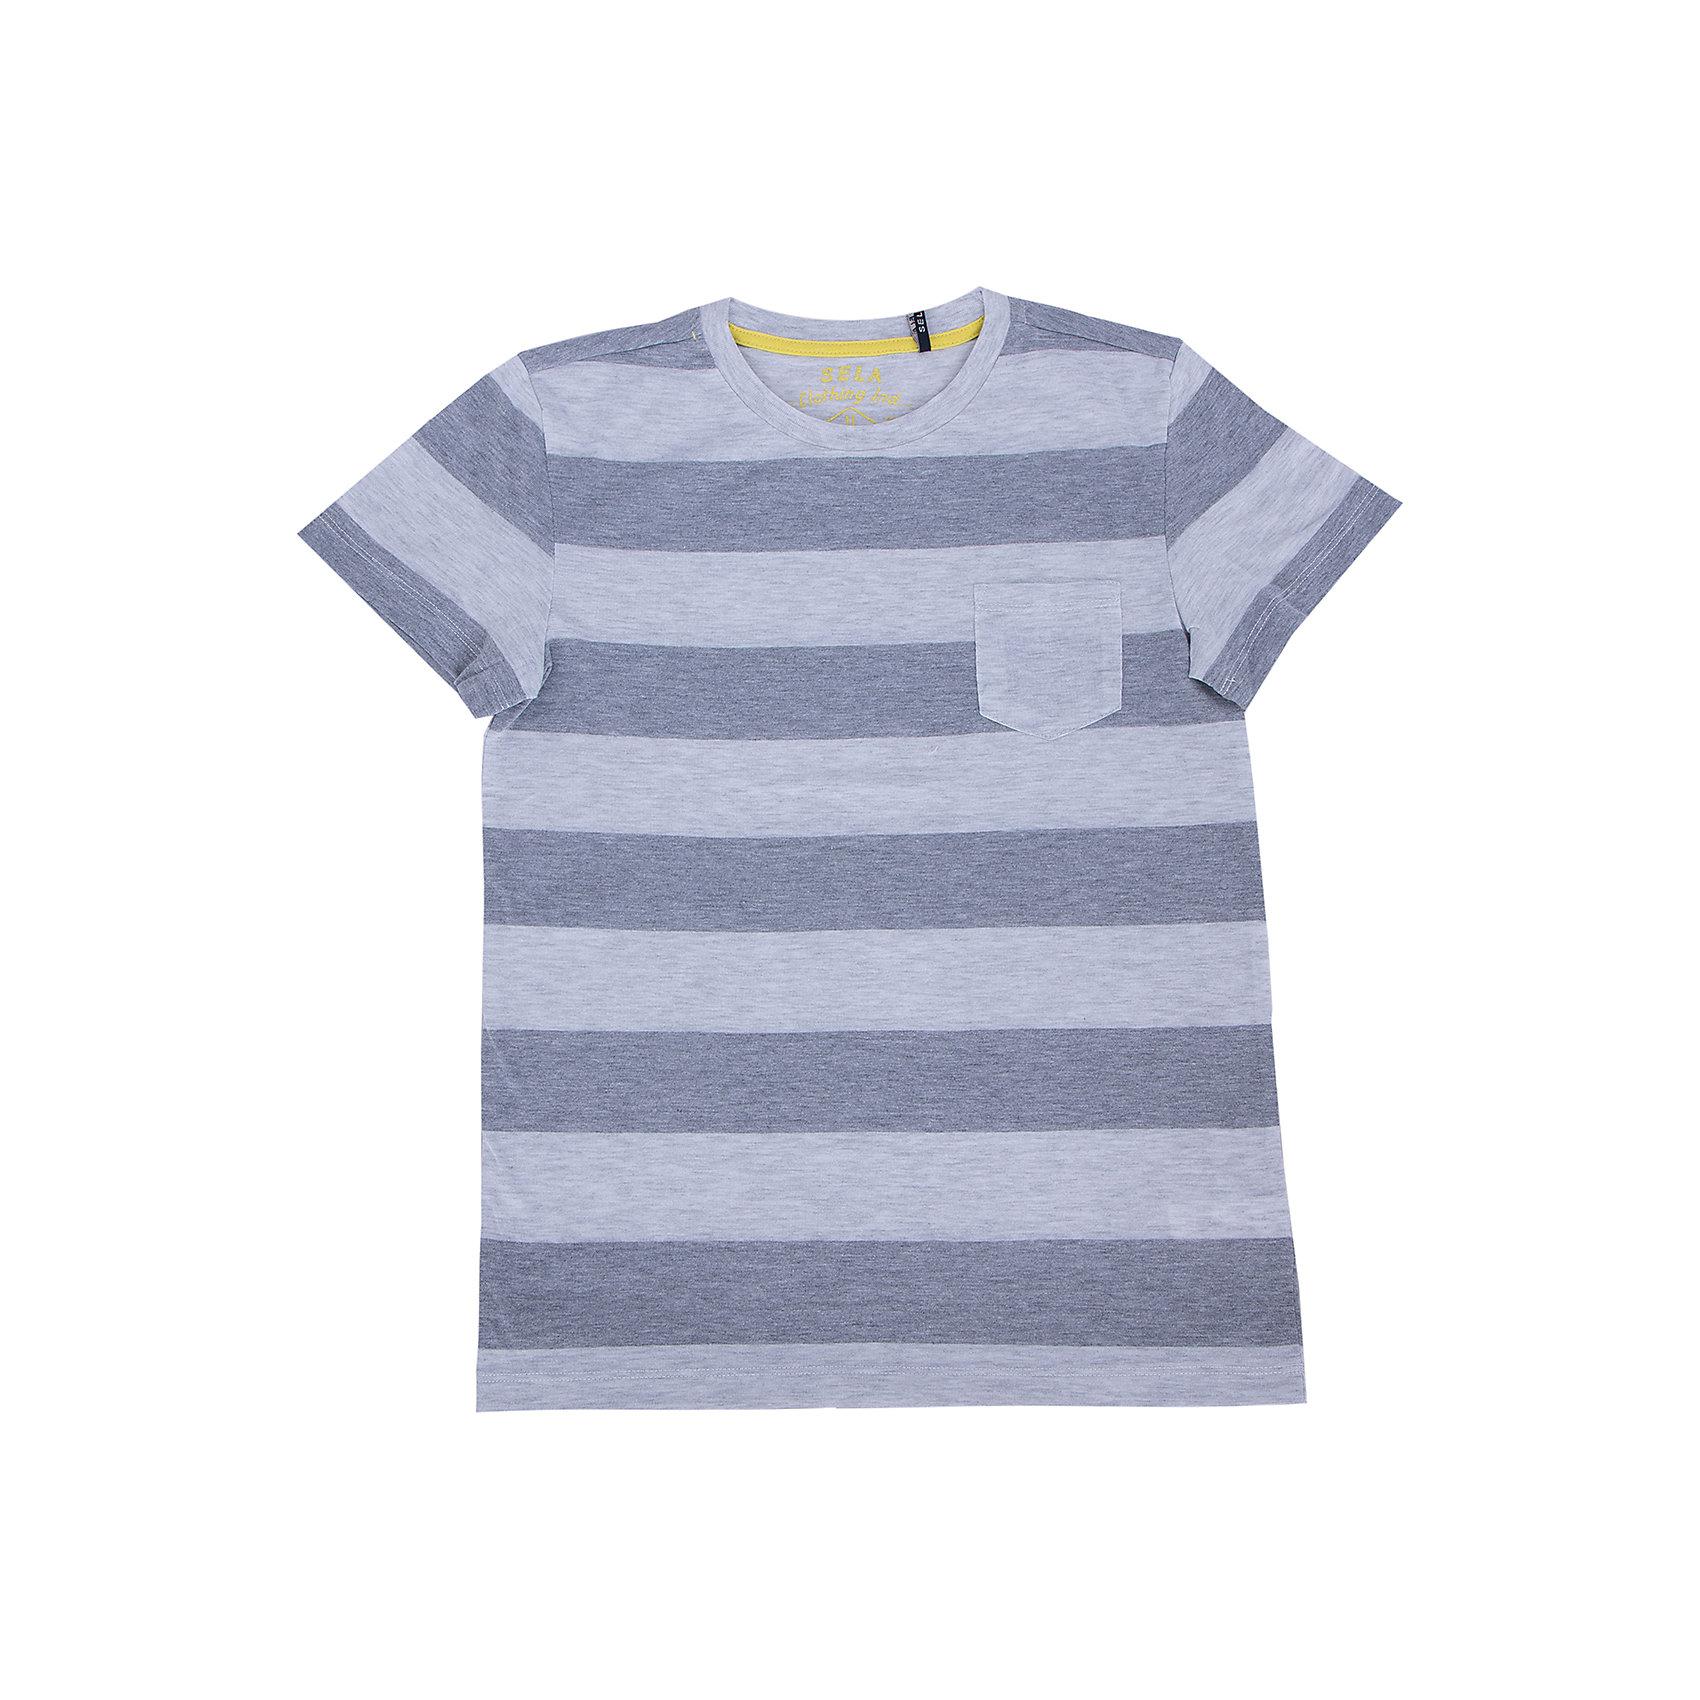 Футболка  для мальчика SELAУдобная стильная футболка от известной марки SELА поможет разнообразить летний гардероб мальчика, создать легкий подходящий погоде ансамбль. Удобный крой и качественный материал обеспечат ребенку комфорт при ношении этой вещи. <br>На горловине изделия - мягкая окантовка. Материал содержит натуральный хлопок, дышащий и гипоаллергенный. Футболка декорирована маленьким карманом на груди.<br><br>Дополнительная информация:<br><br>материал: 100% хлопок;<br>цвет: серый;<br>декорирована кармашком;<br>короткие рукава;<br>круглый горловой вырез;<br>уход за изделием: стирка в машине при температуре до 30°С, не отбеливать, гладить при низкой температуре.<br><br>Футболку от бренда SELА (Села) можно купить в нашем магазине.<br><br>Ширина мм: 230<br>Глубина мм: 40<br>Высота мм: 220<br>Вес г: 250<br>Цвет: серый<br>Возраст от месяцев: 120<br>Возраст до месяцев: 132<br>Пол: Мужской<br>Возраст: Детский<br>Размер: 152,146,116,122,128,134,140<br>SKU: 4741343